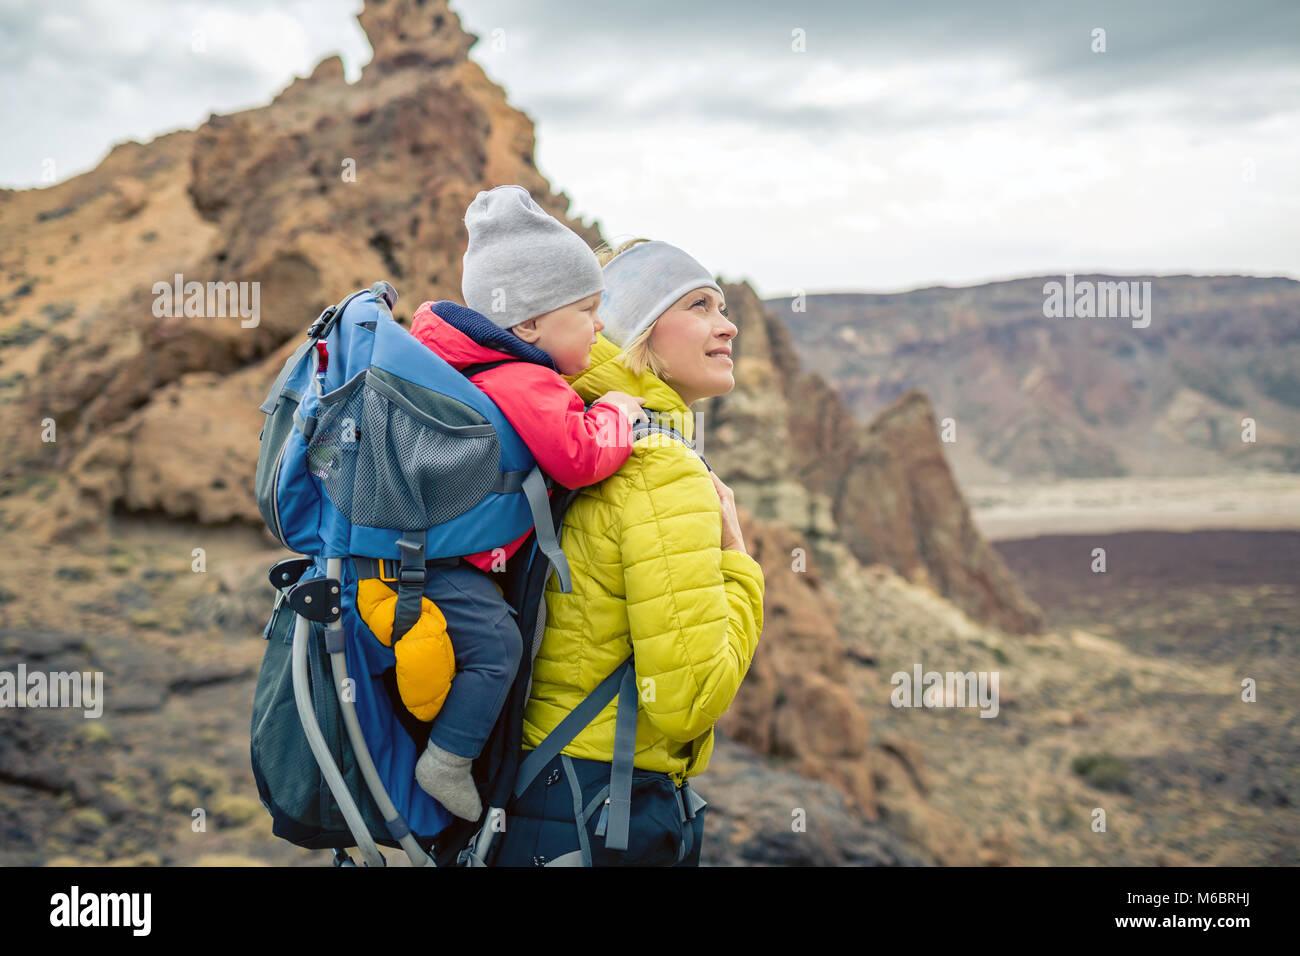 Randonnée en famille baby boy voyageant dans le sac à dos. Randonnées aventure avec enfant sur l'automne Photo Stock